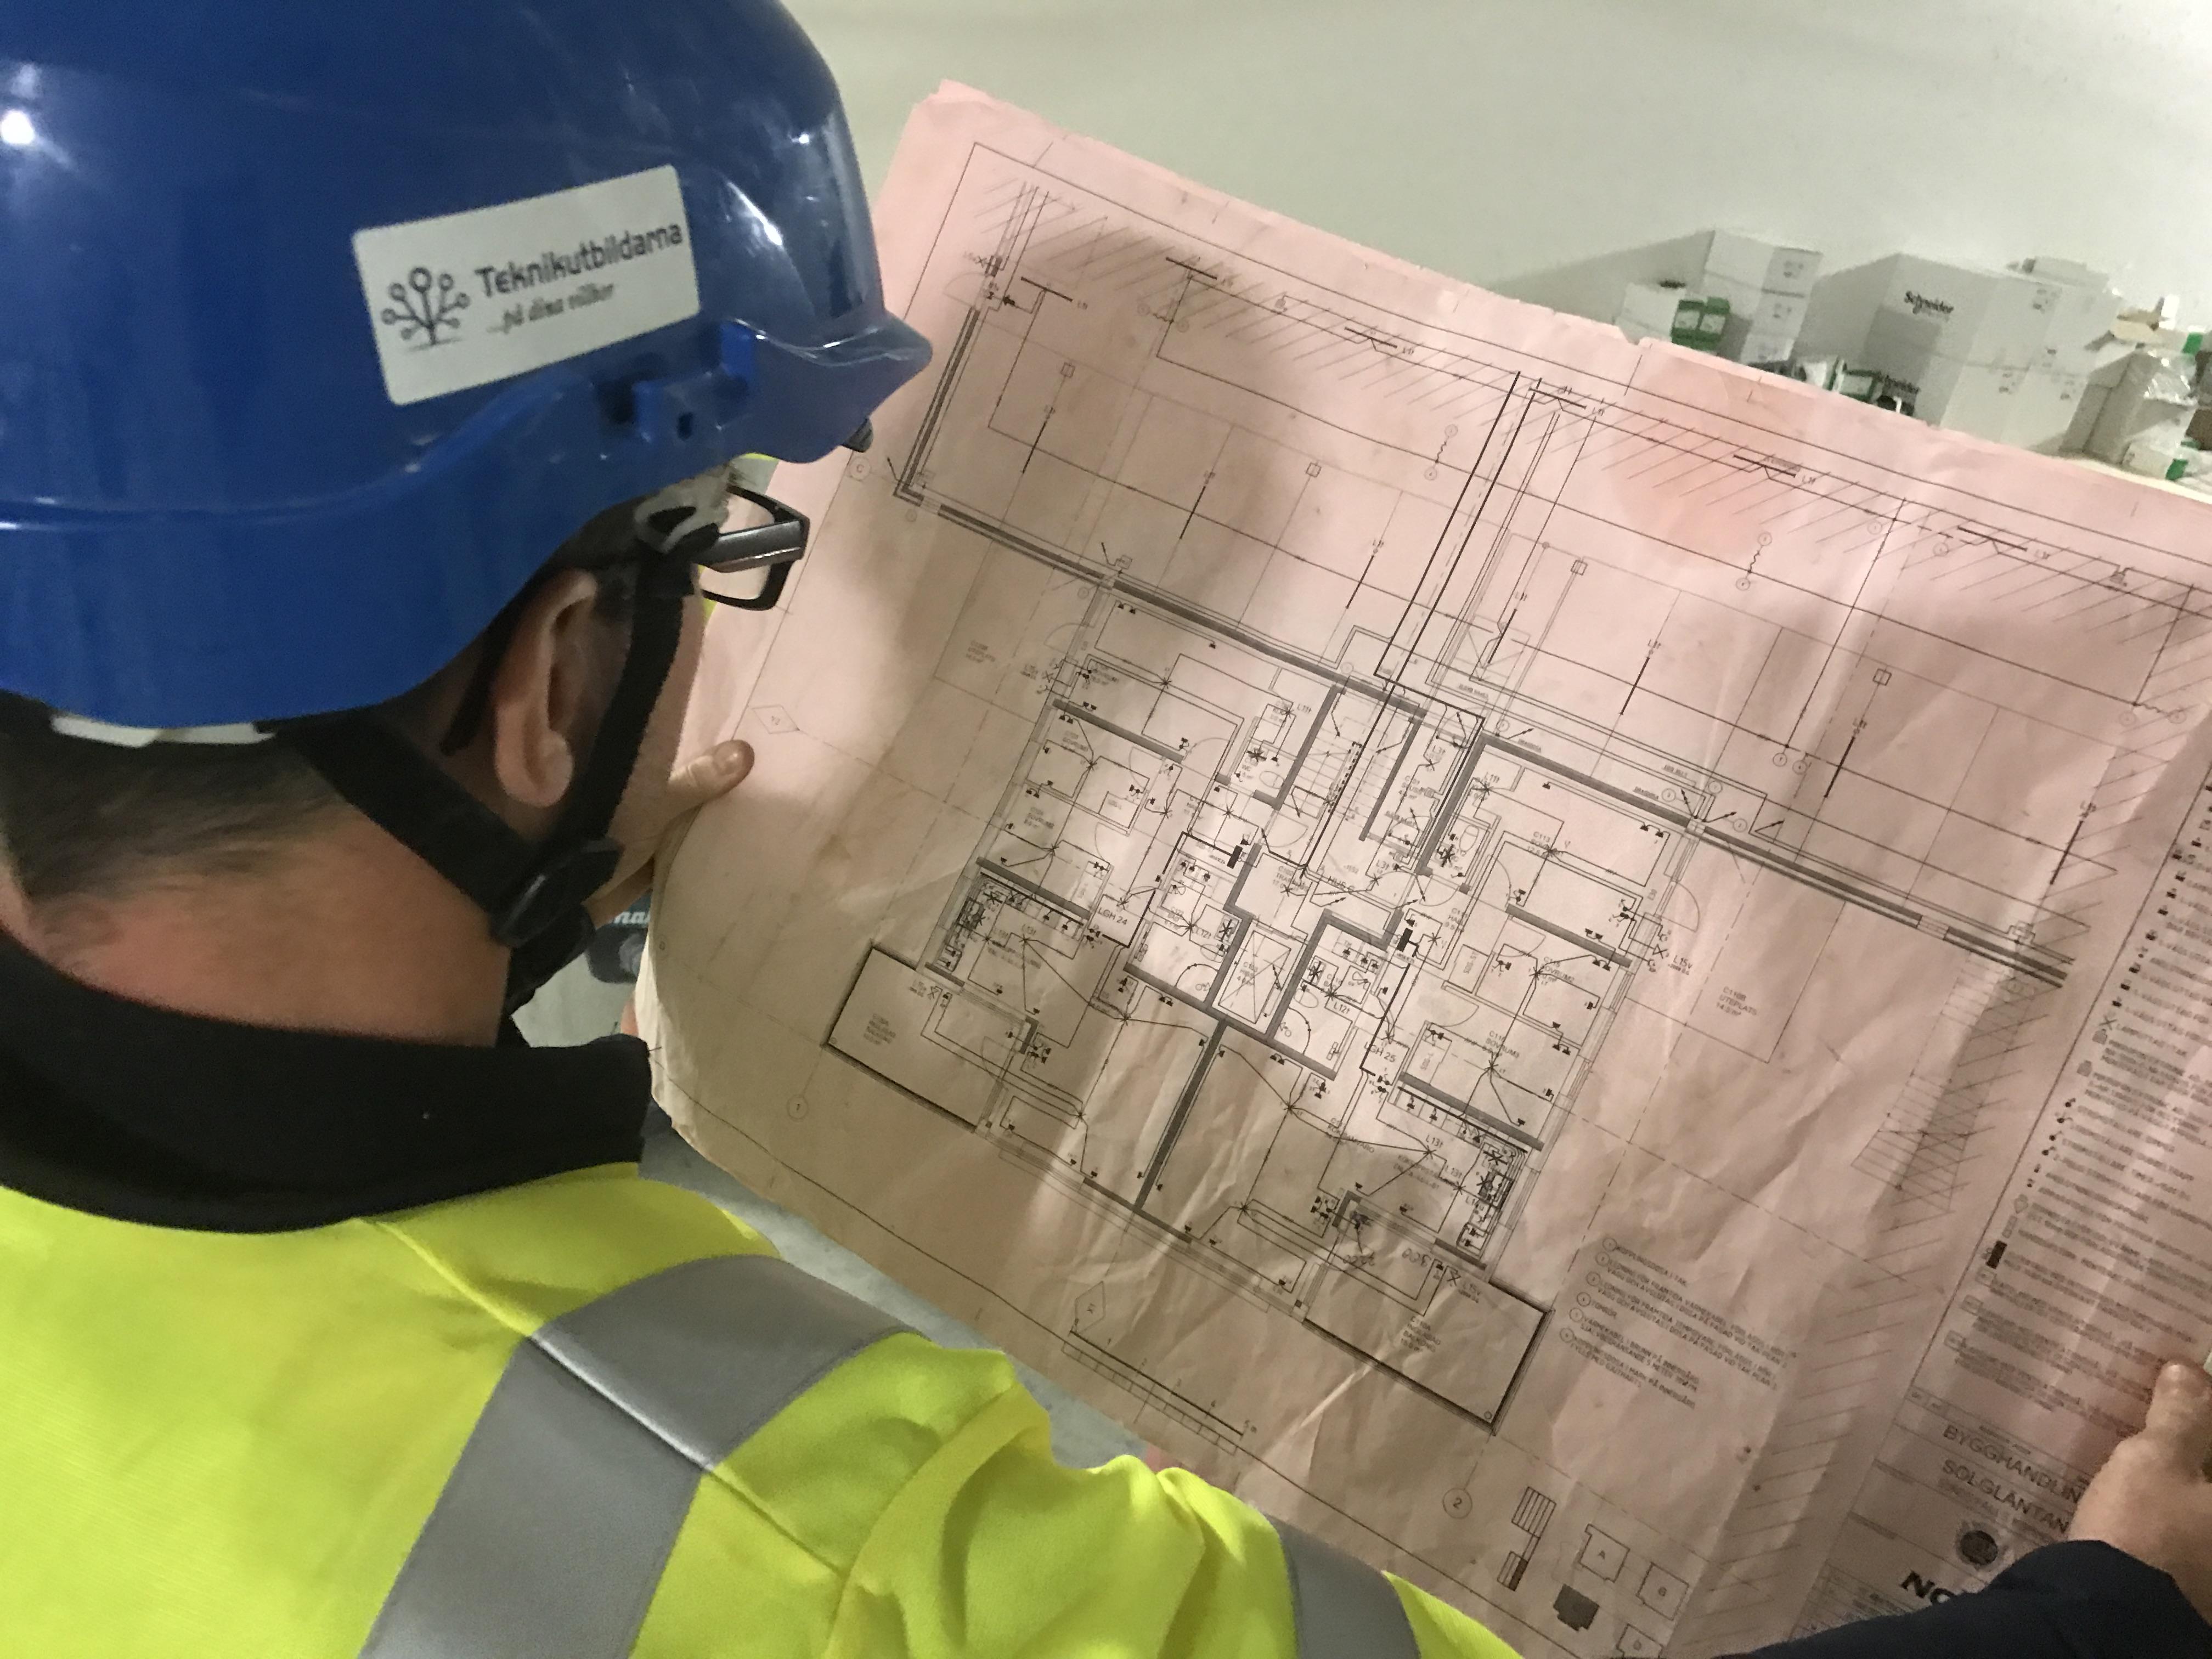 Arbetsplatsens utformning afs 2020:1